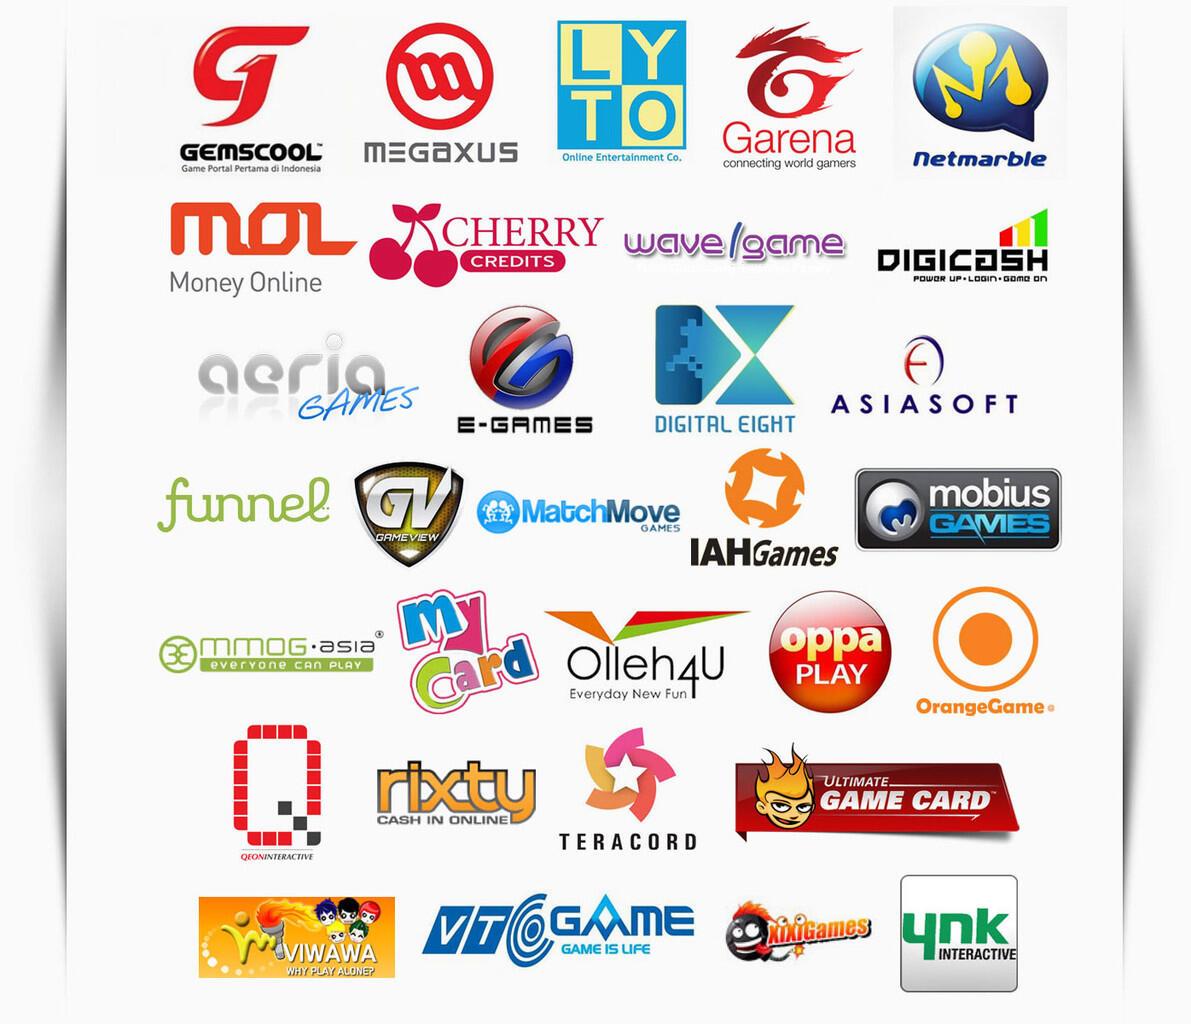 Games Lyto Game On Rp175000 Daftar Harga Terbaru Dan Terlengkap Indomog Voucher 175000 Jual Macam Online Murah Gan